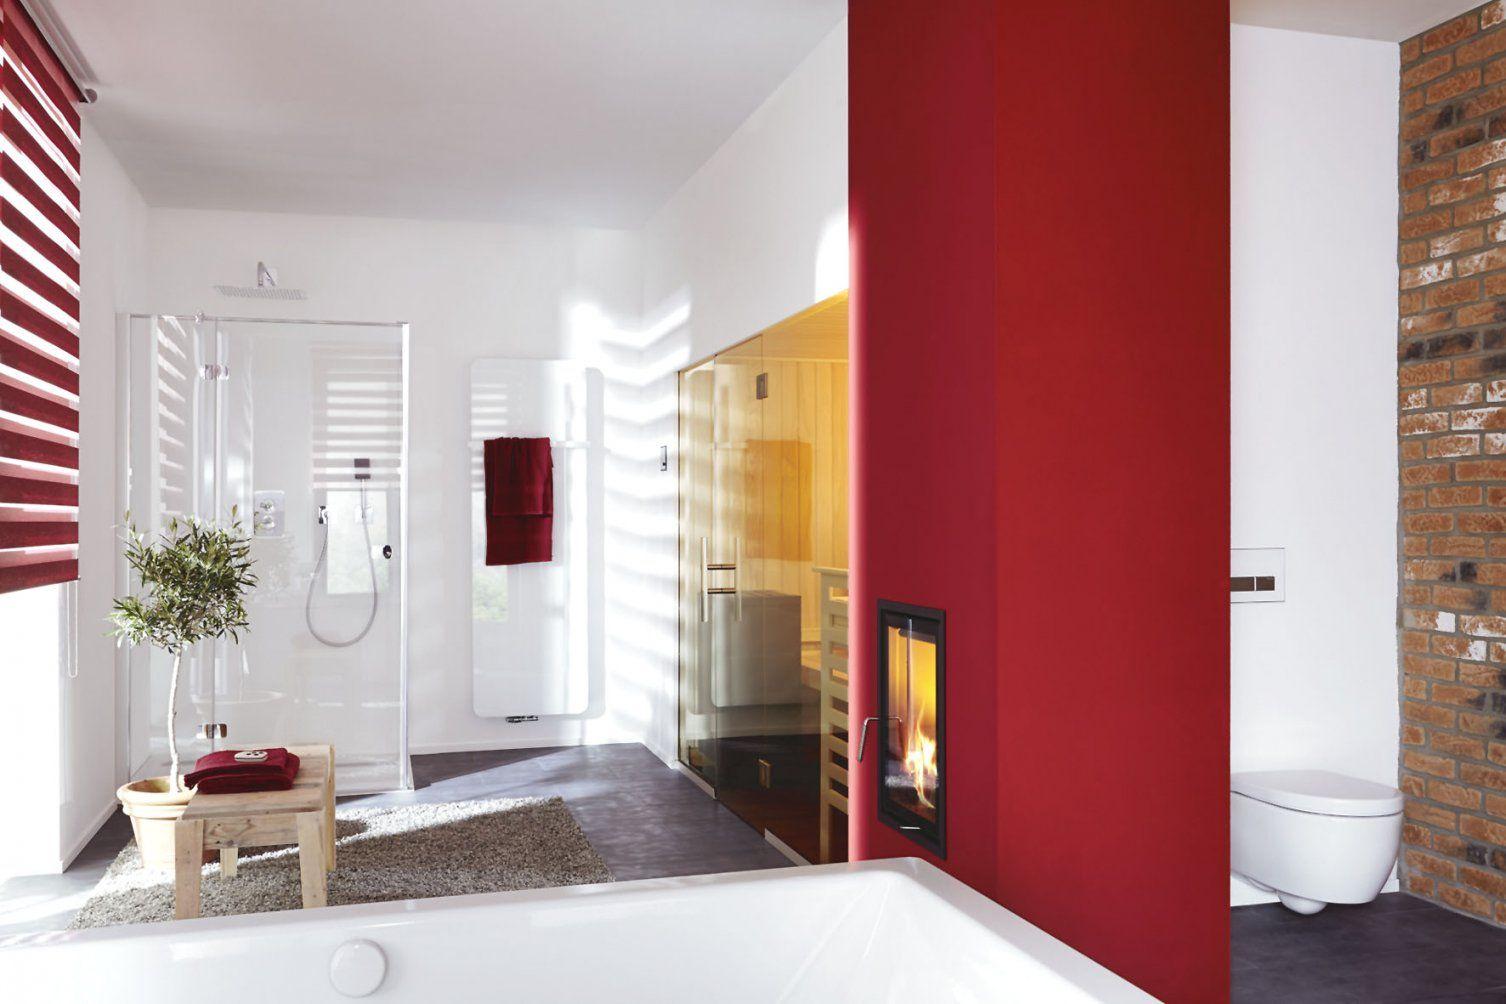 Surprising Idea Wohnung Streichen Berlin  Home Ideas von Was Kostet Wohnung Streichen Photo